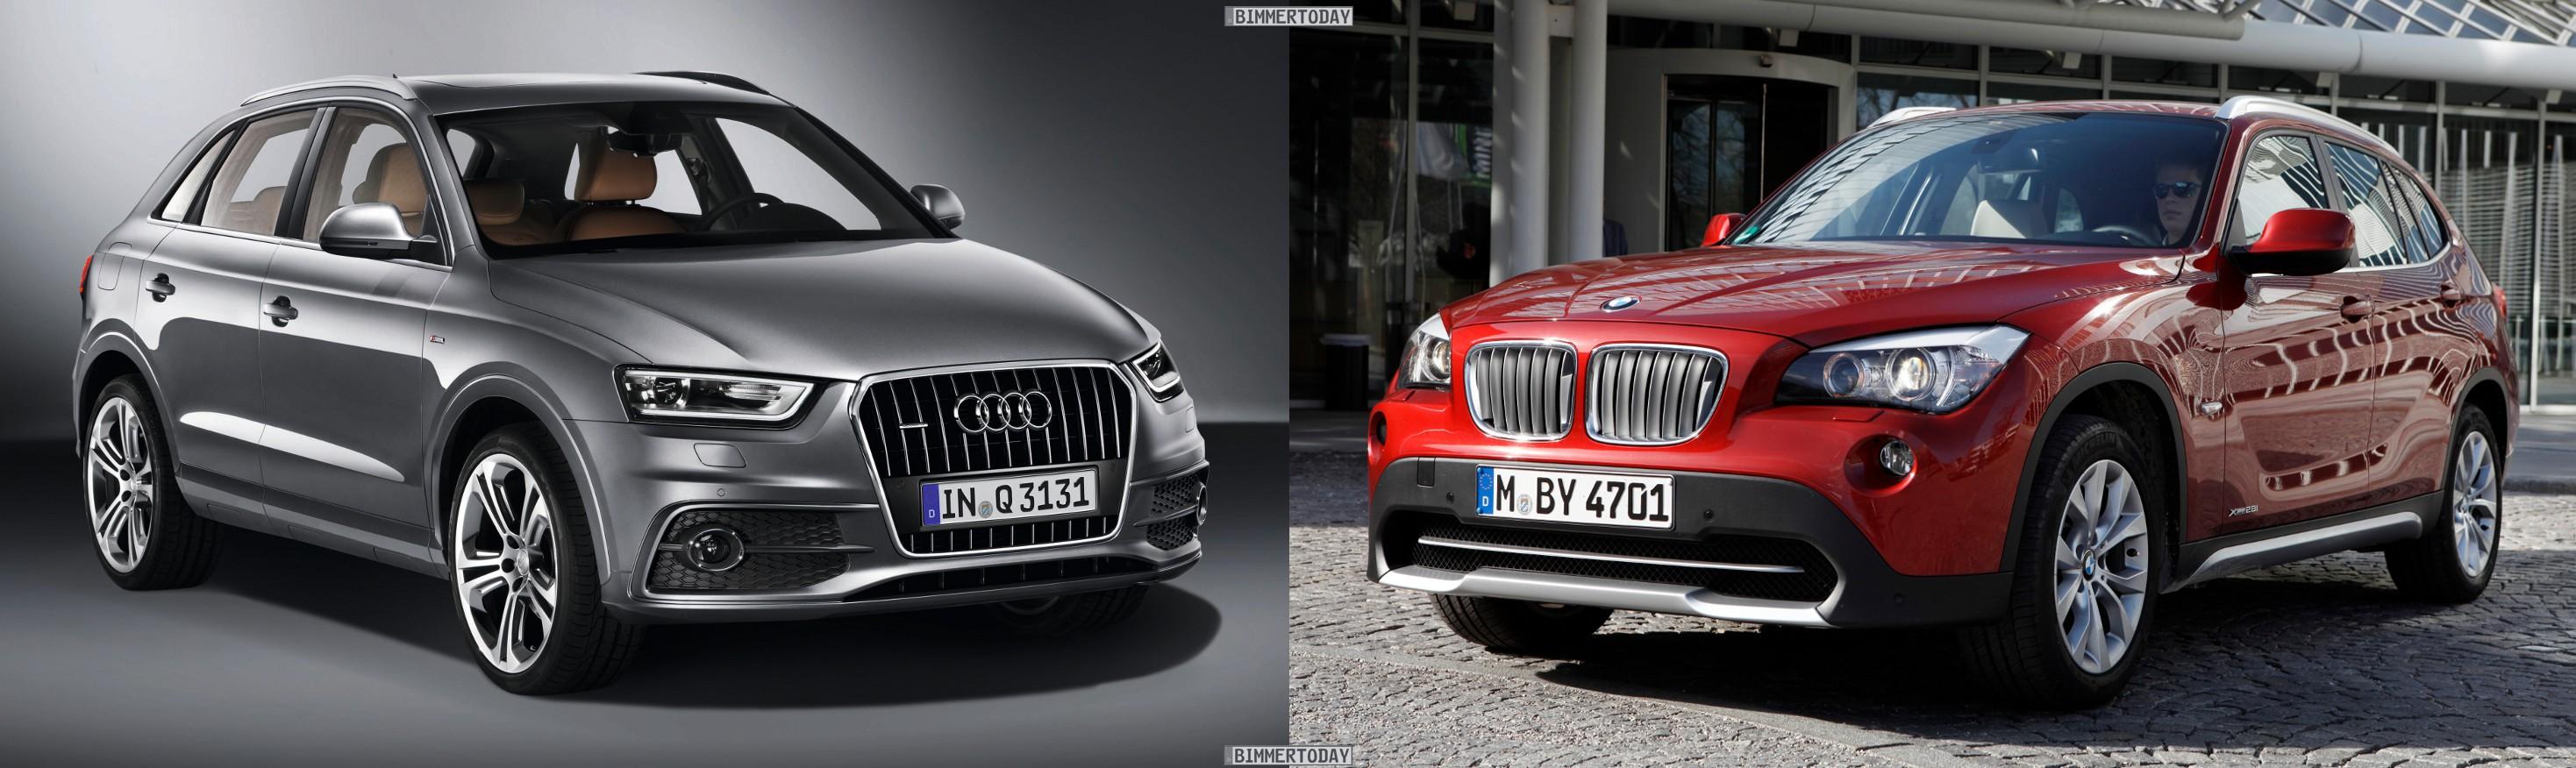 Bildvergleich Audi Q3 BMW X1 Front1